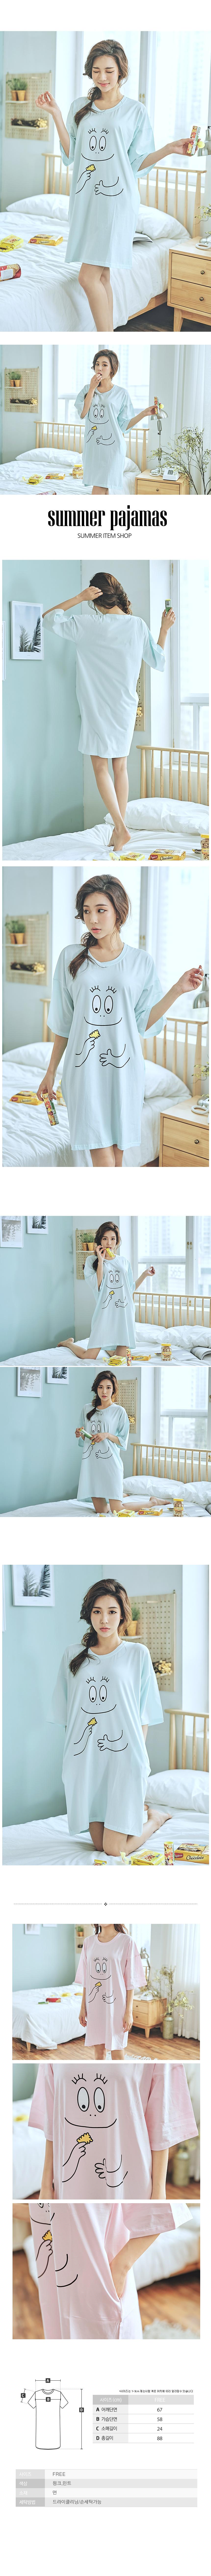 비스켓 원피스 잠옷 파자마 여름잠옷 - 로로걸, 20,900원, 잠옷, 여성파자마